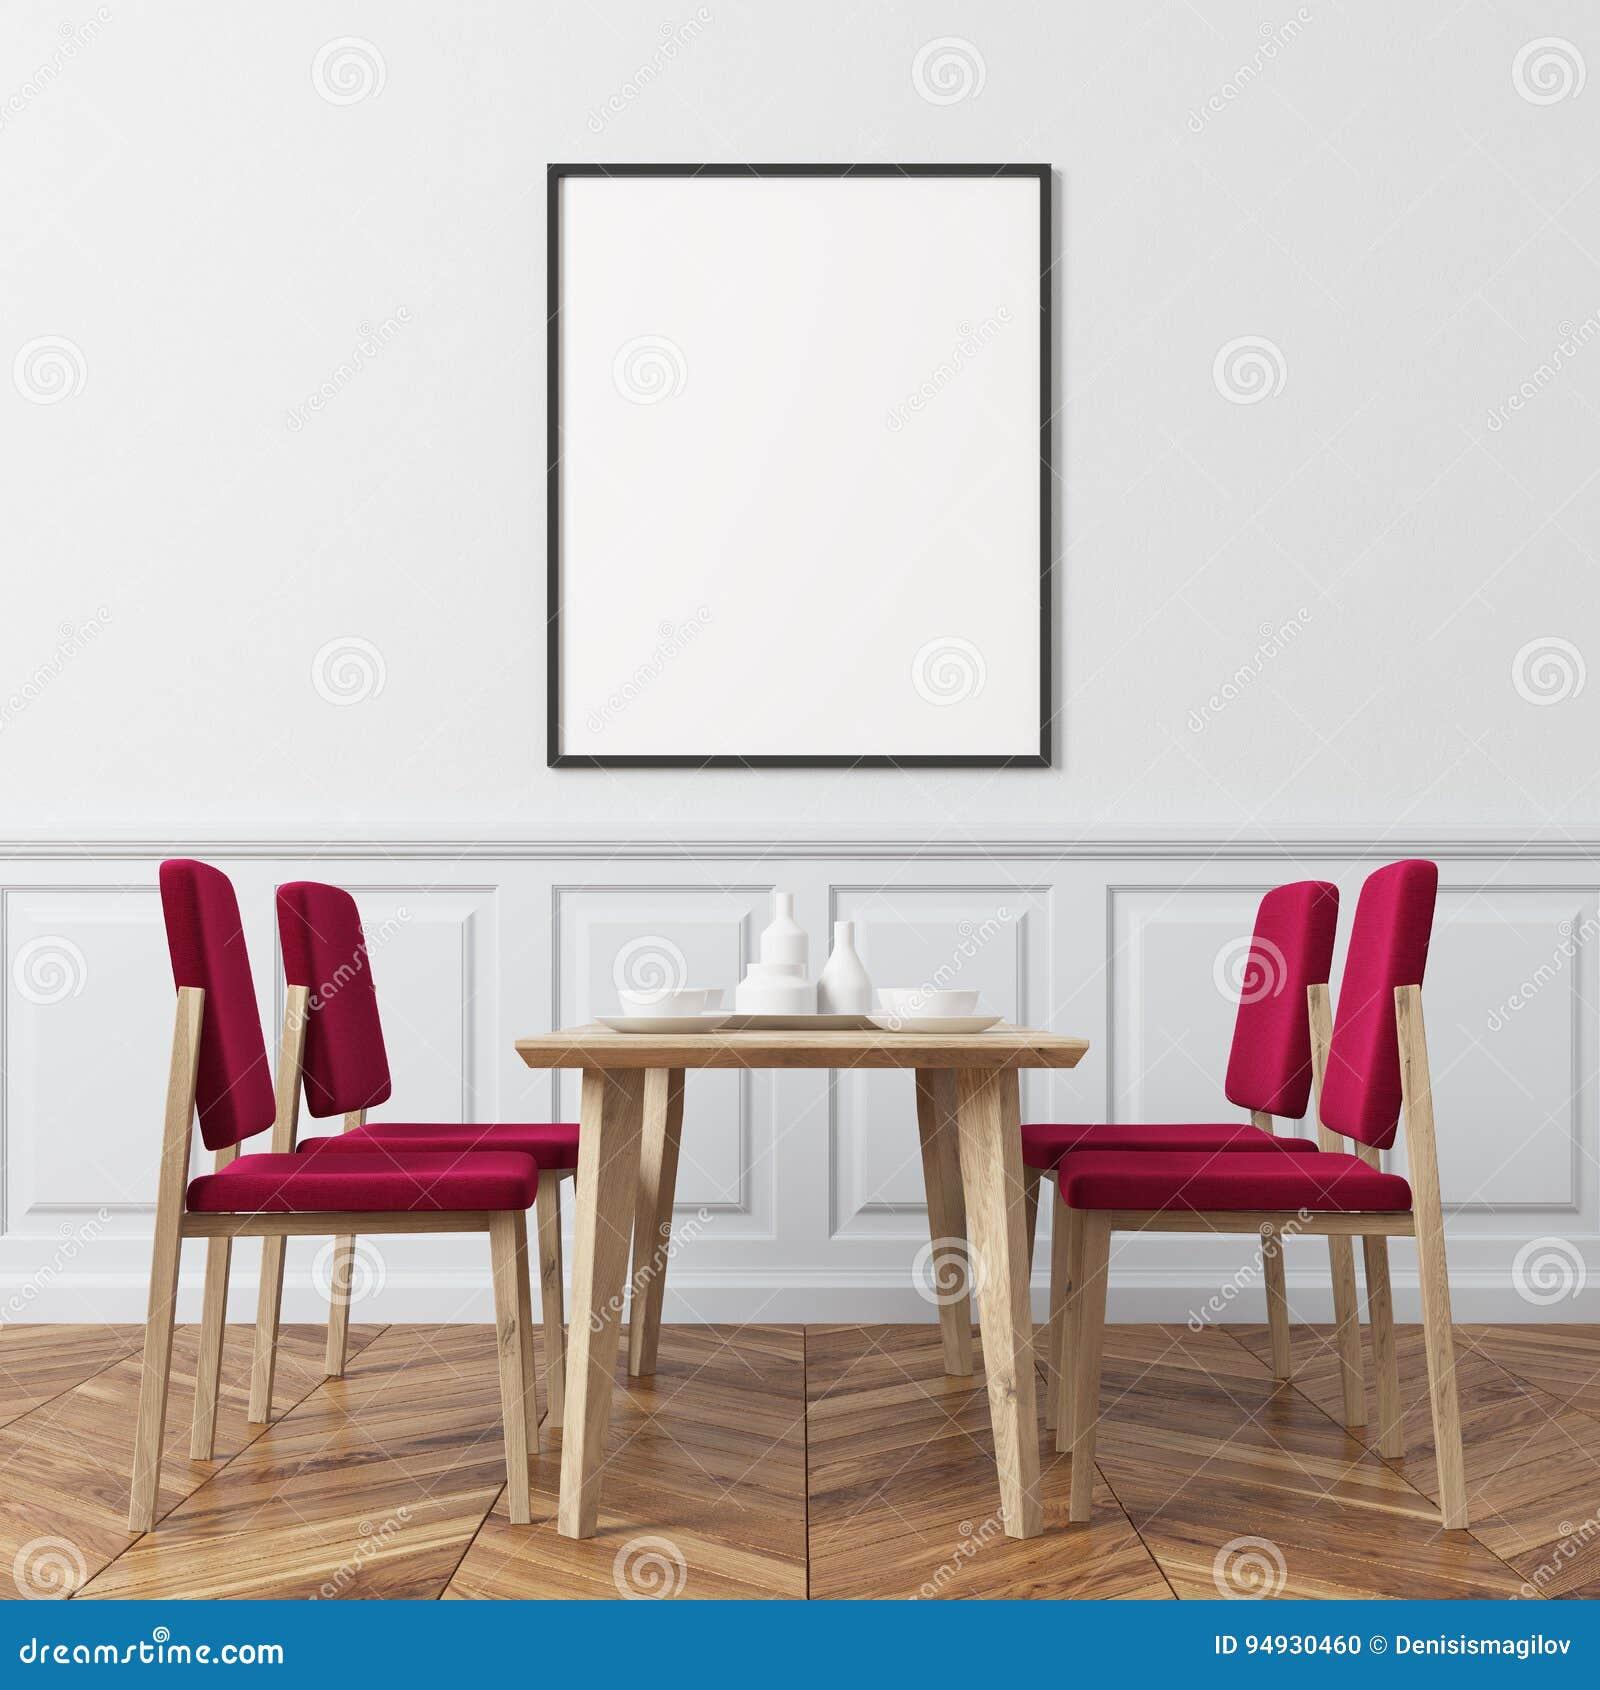 Salle A Manger De Mur Blanc Chaises Rouges Illustration Stock